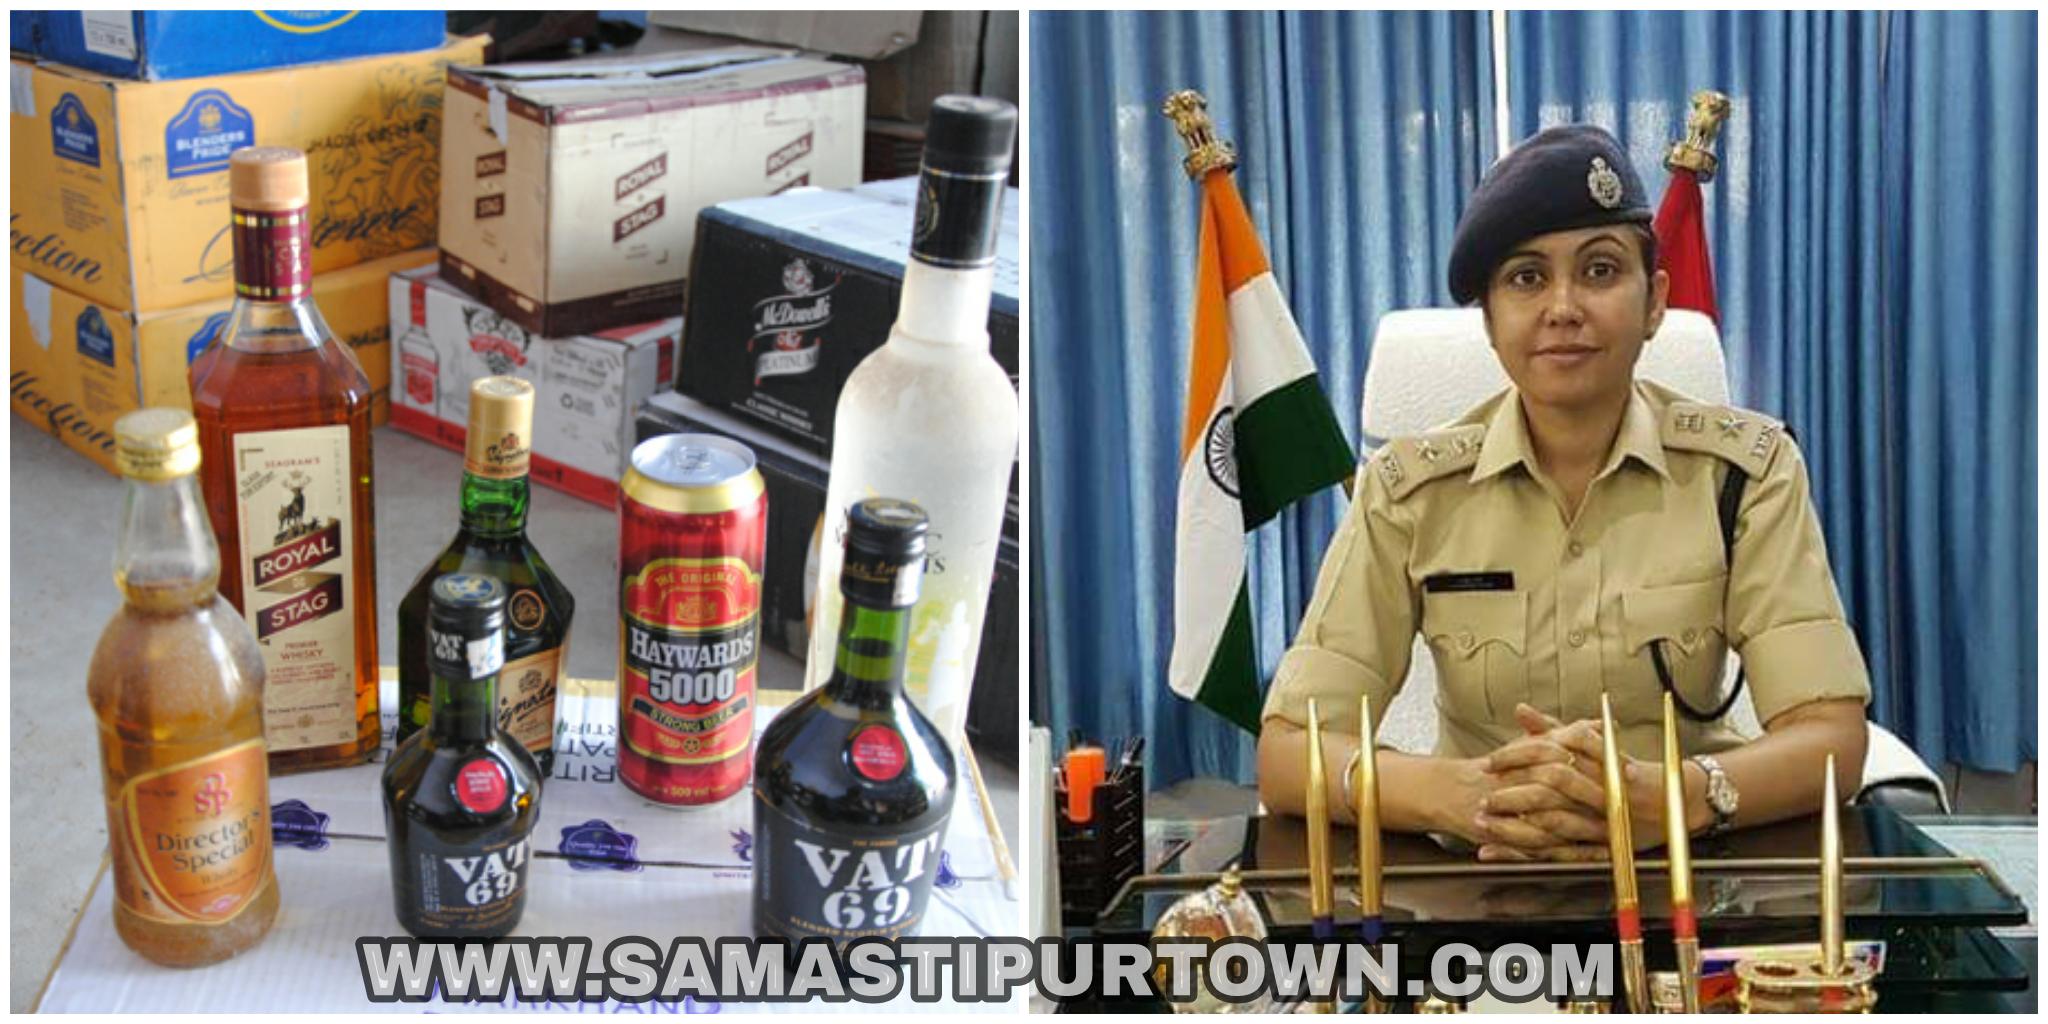 शराब मामले के निर्दोष अभियुक्त के विरूद्ध जनता जगी, पुलिस अधीक्षक से जाँच कराने की मांग समस्तीपुर Town